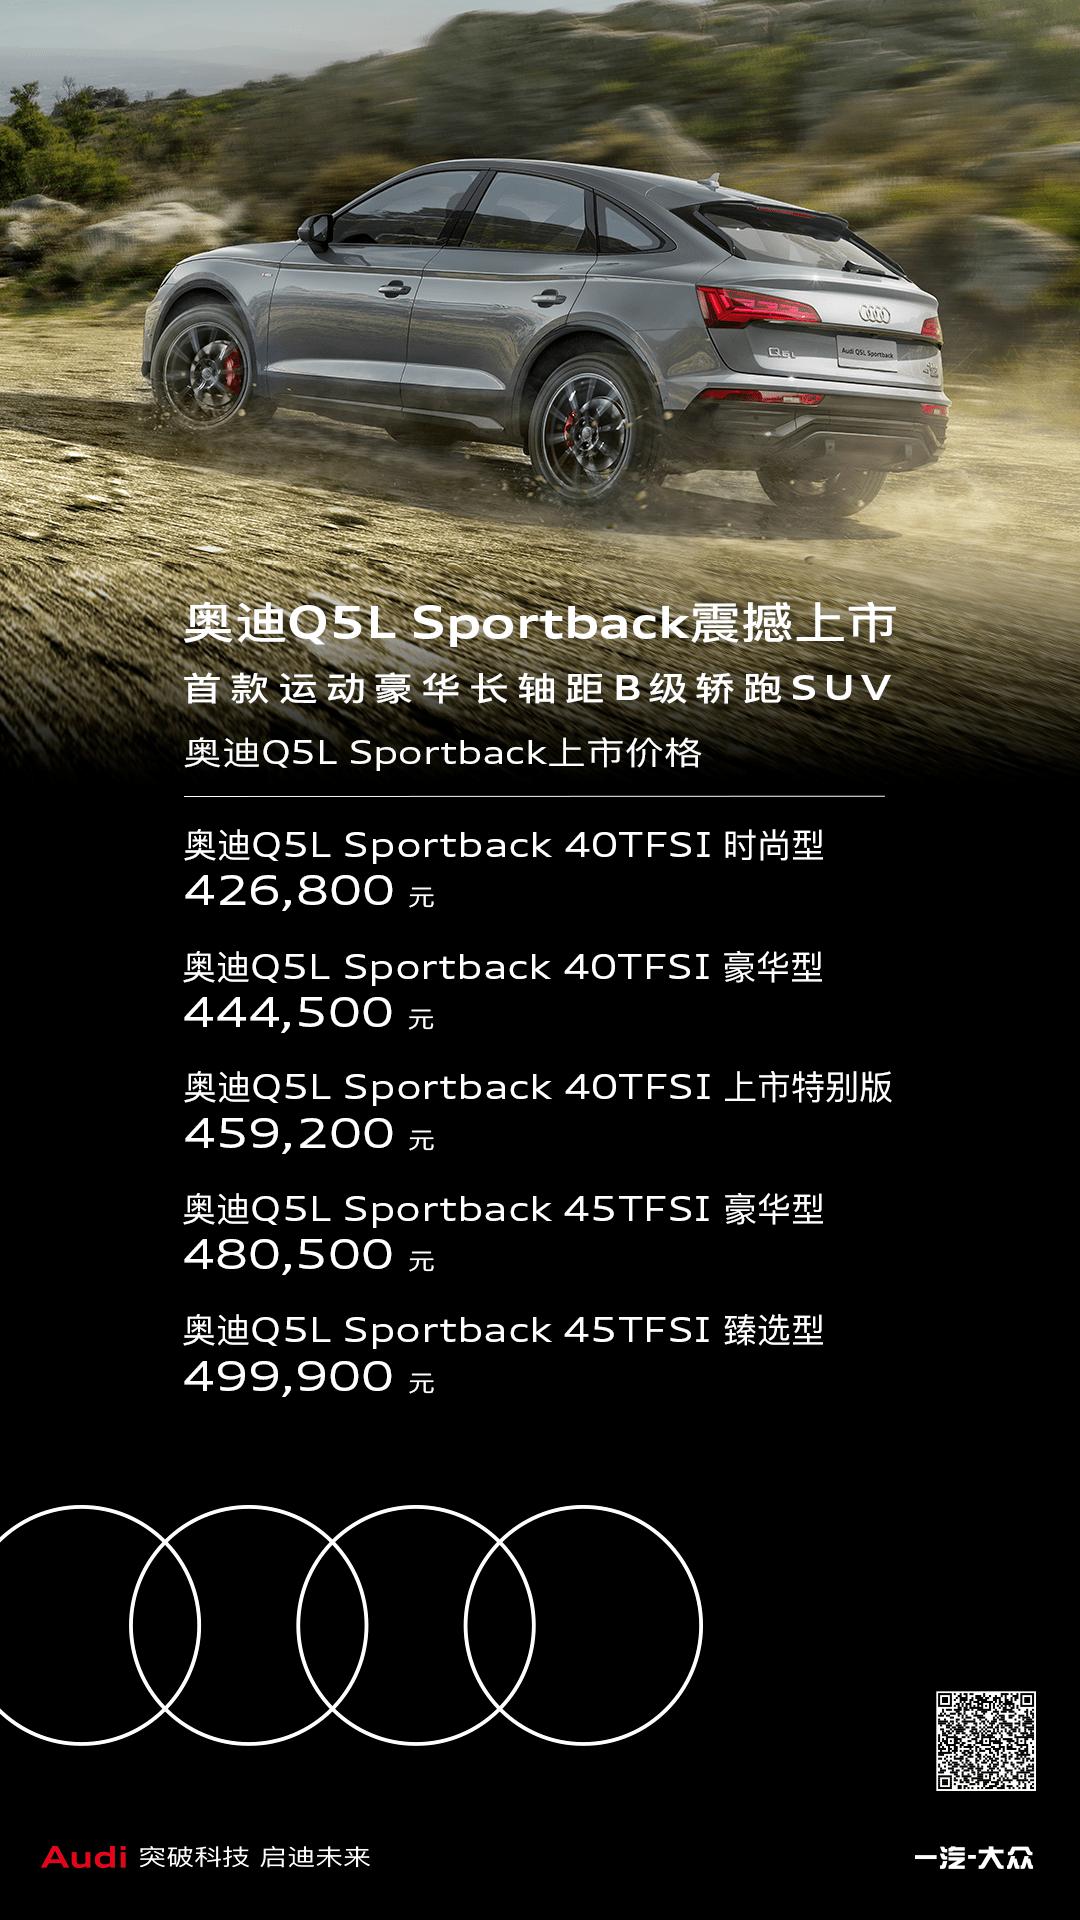 奥迪Q5L Sportback完全接受预订